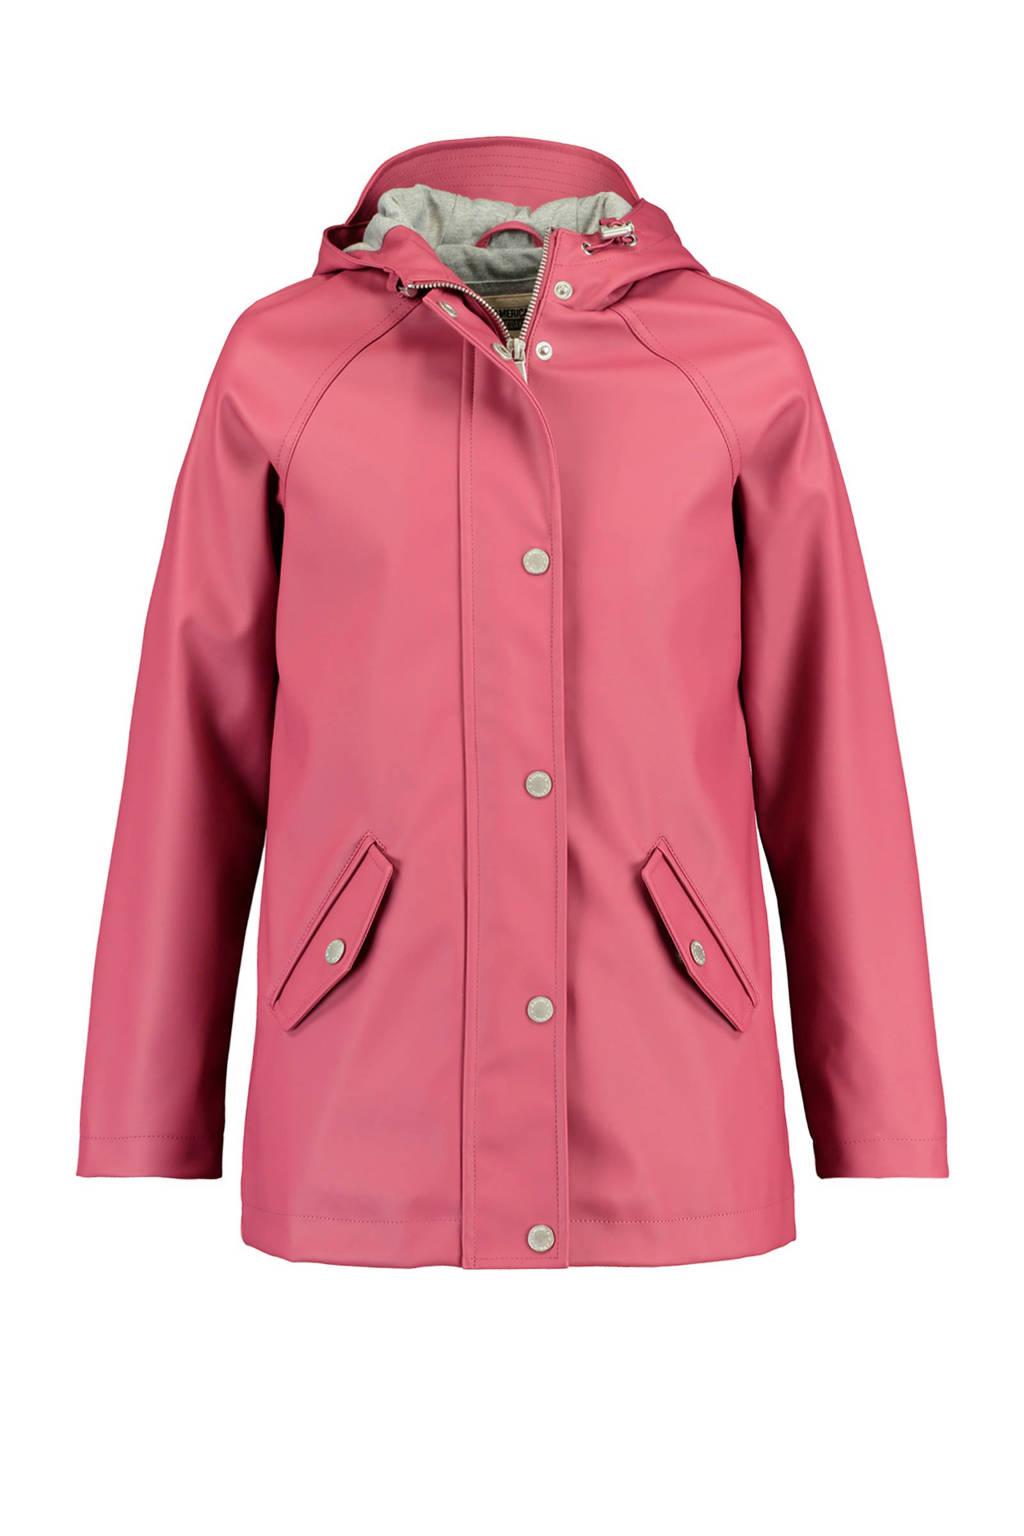 America Today Junior meisjes regenjas Janet roze, Roze